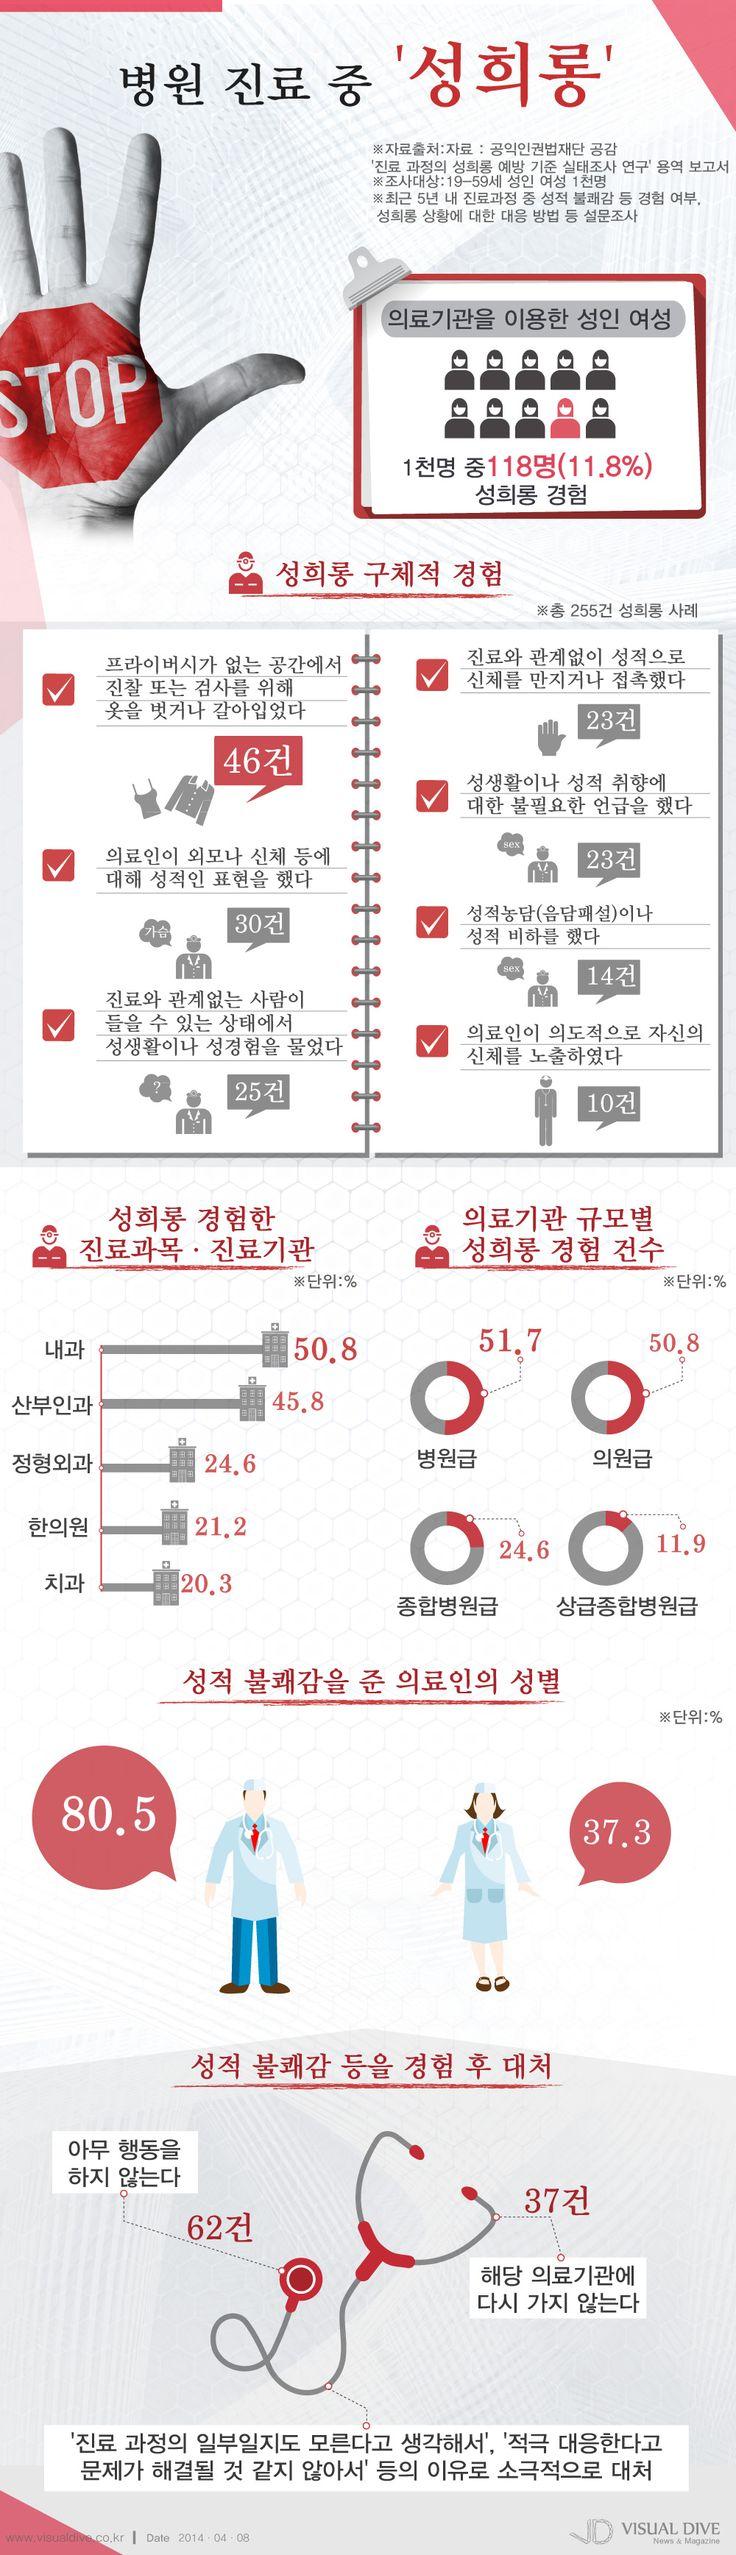 """여성환자 10명 중 1명 """"진료 중 성희롱 당해 불쾌해"""" [인포그래픽] #woman   #Infographic ⓒ 비주얼다이브 무단 복사·전재·재배포"""